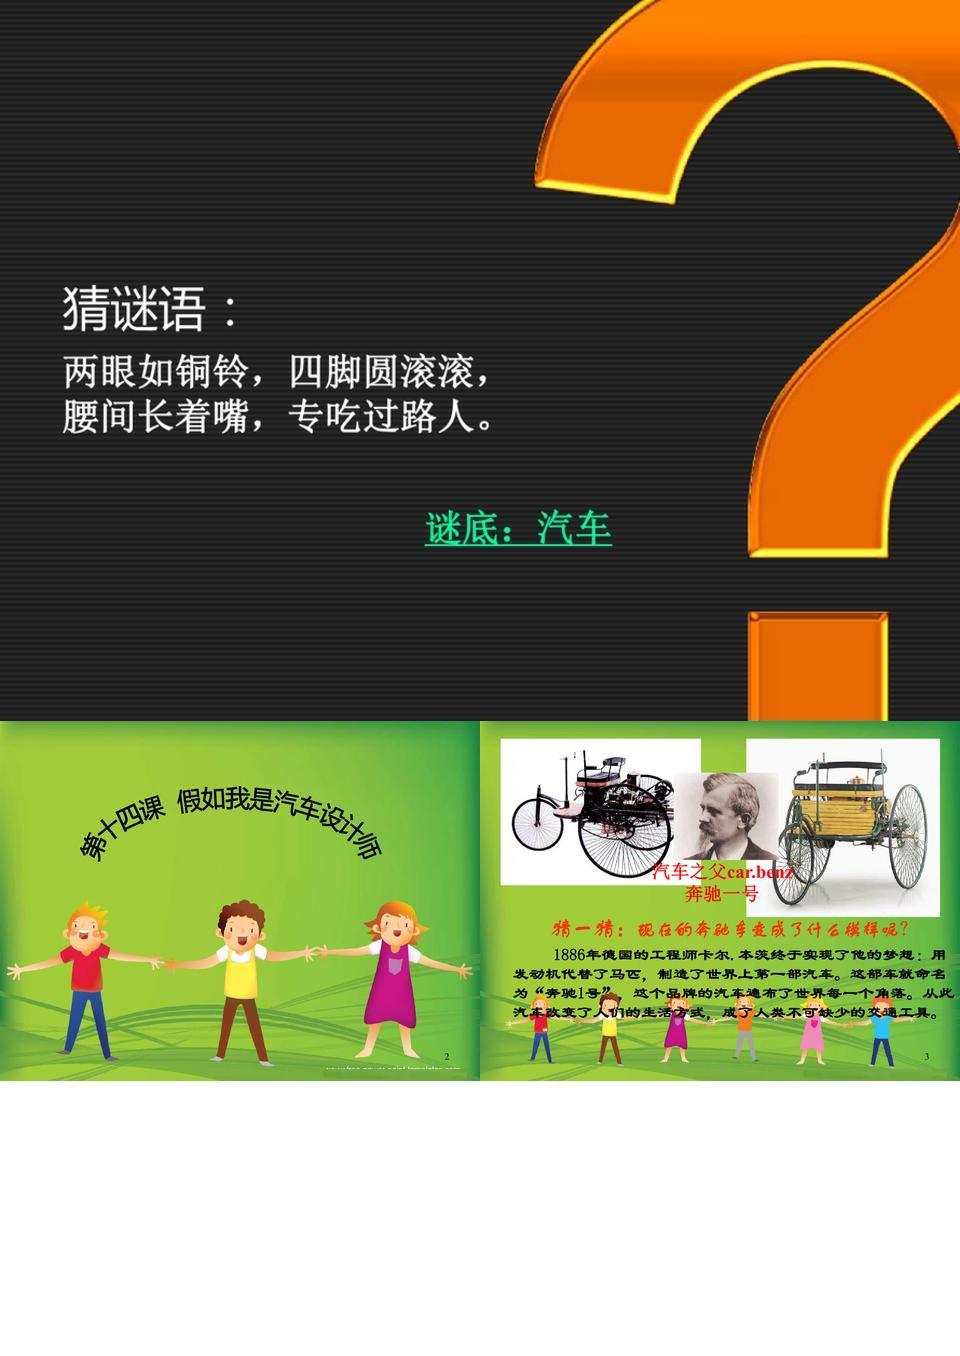 2013人教版美术四上《假如我是汽车设计师》PPT课件2 [www.edudown.net].ppt